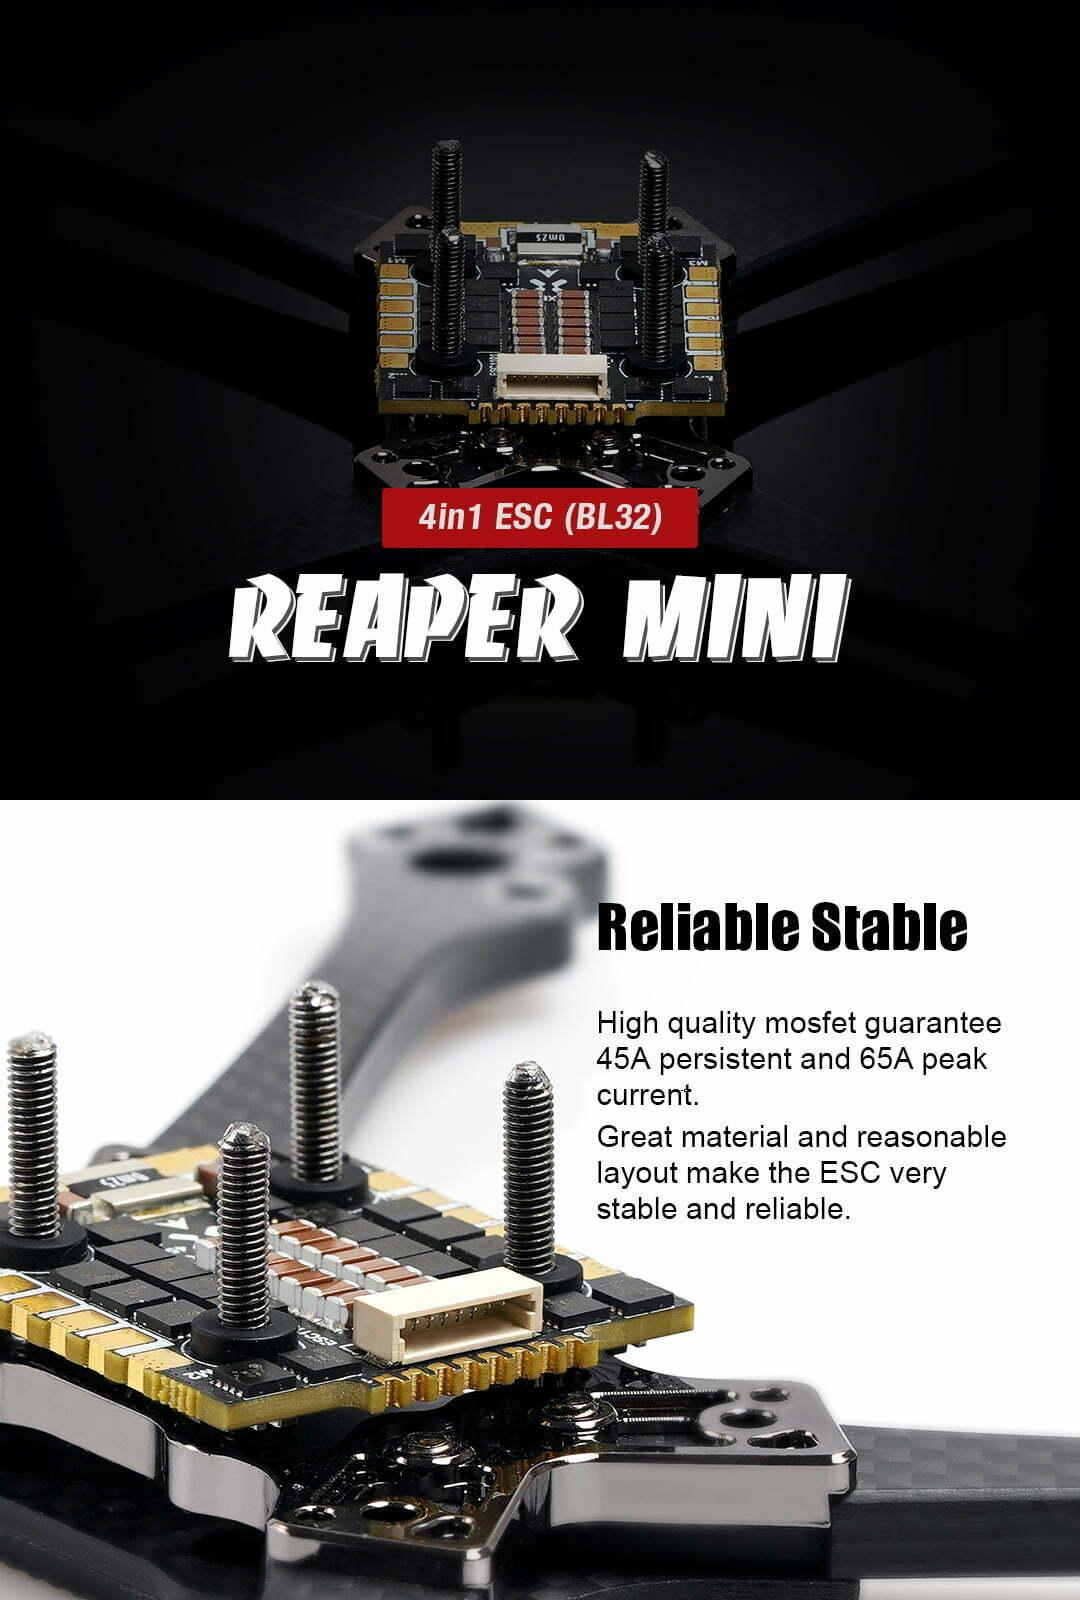 foxeer reaper mini 4in1 bl32 45a esc description mantisfpv